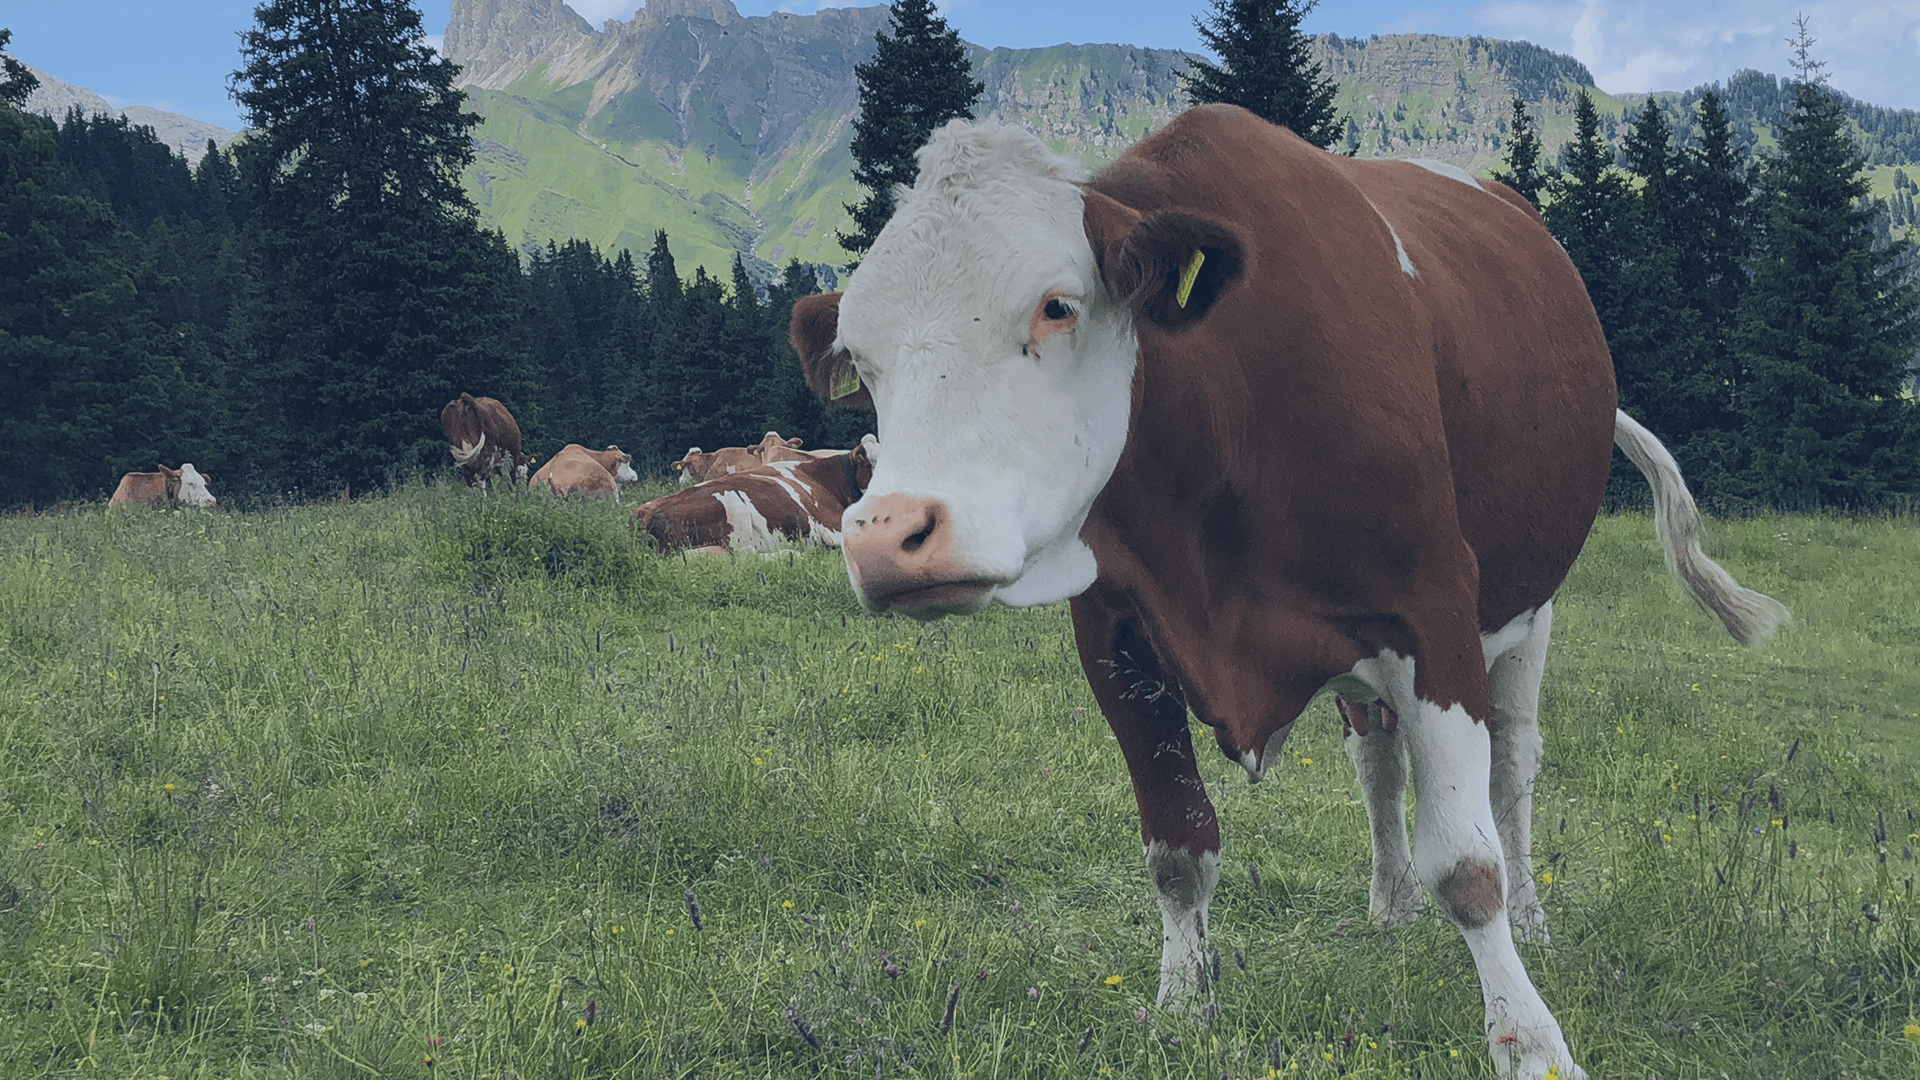 Kühe auf Wiese in den Bergen